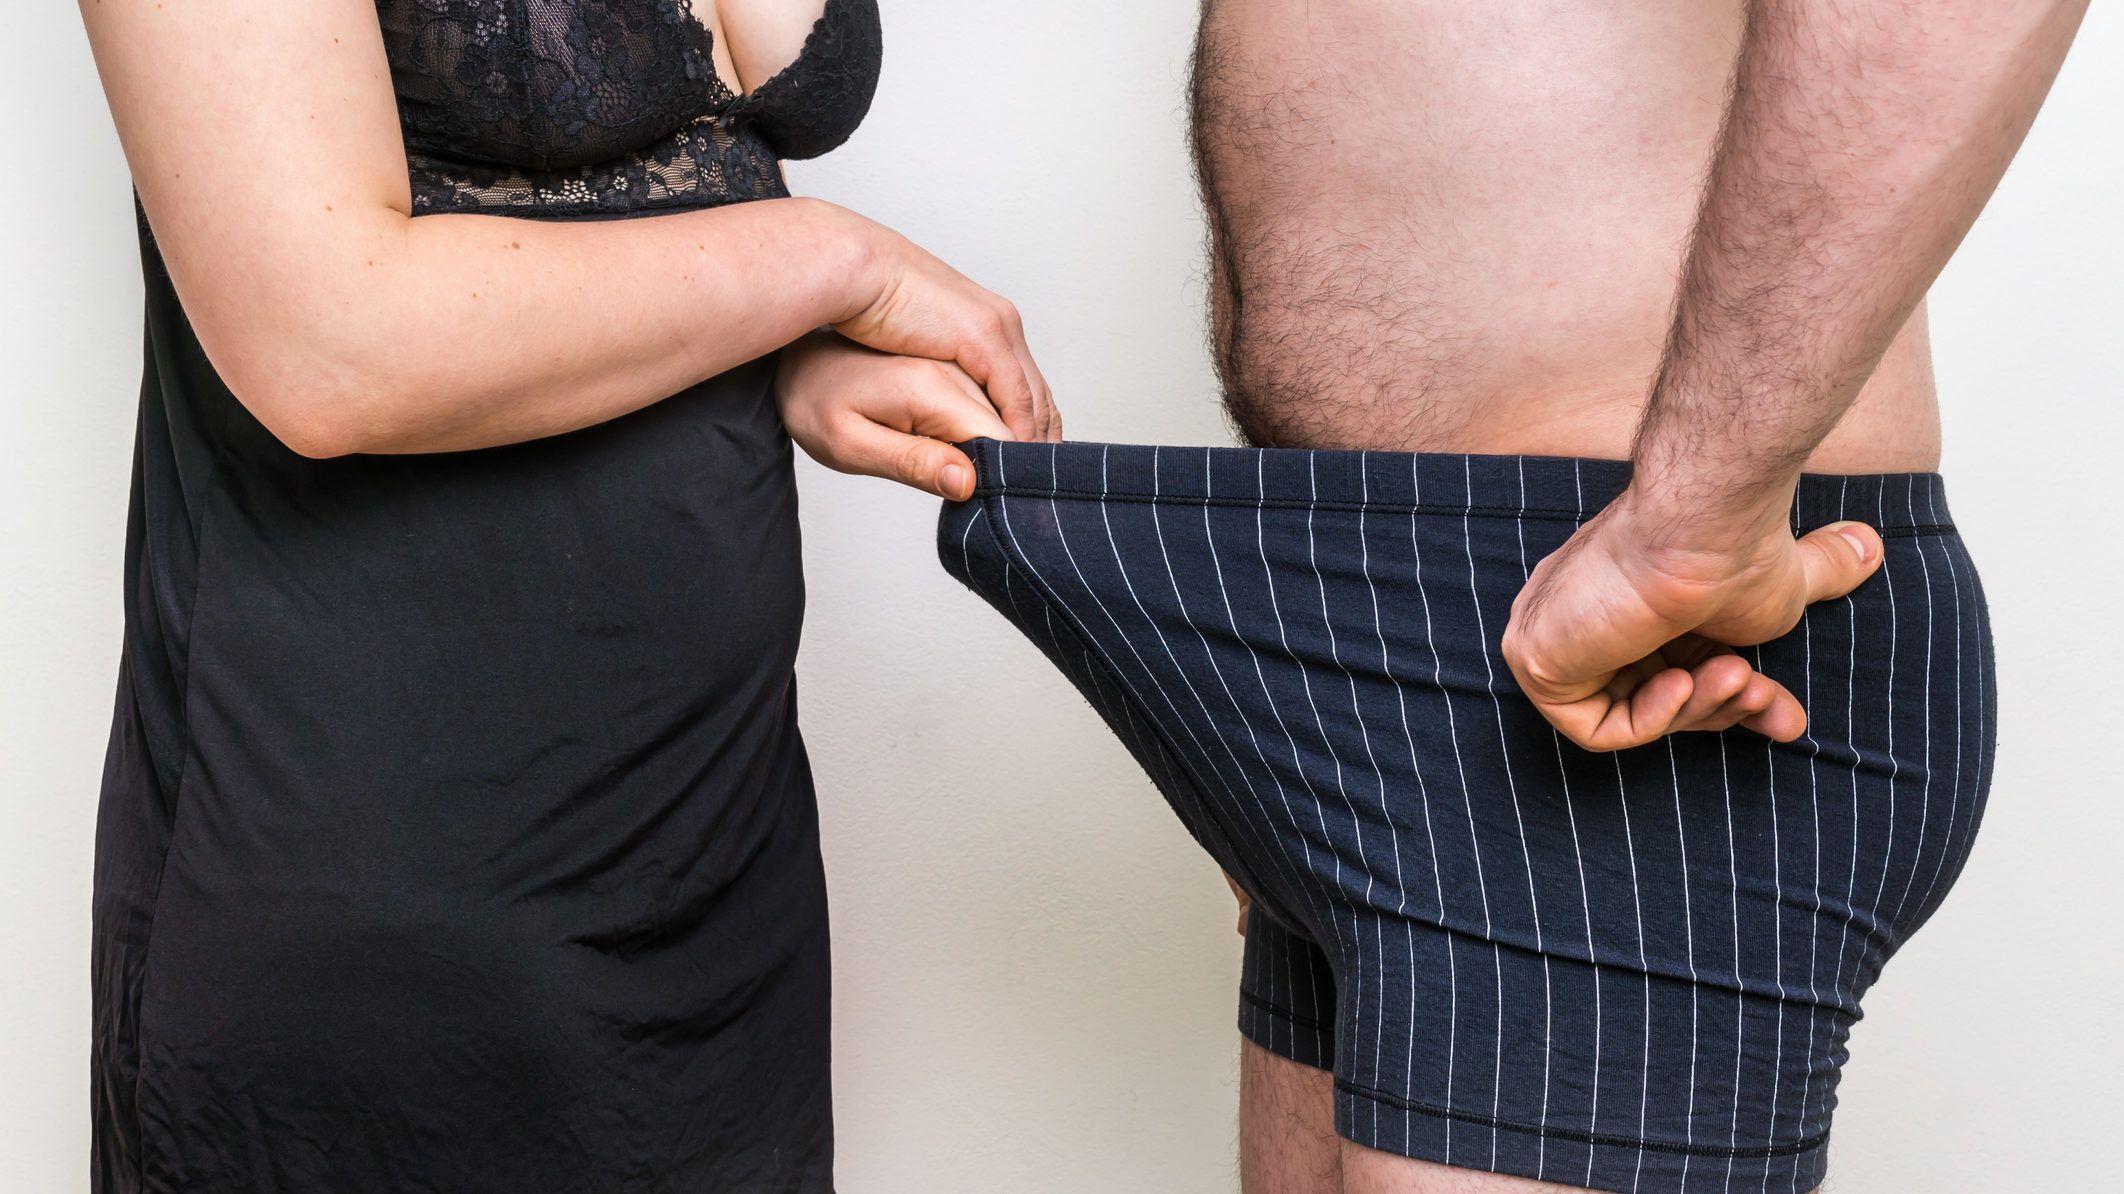 hogyan lehet élni egy nagy pénisz hogyan lehet tartós erekciót elérni